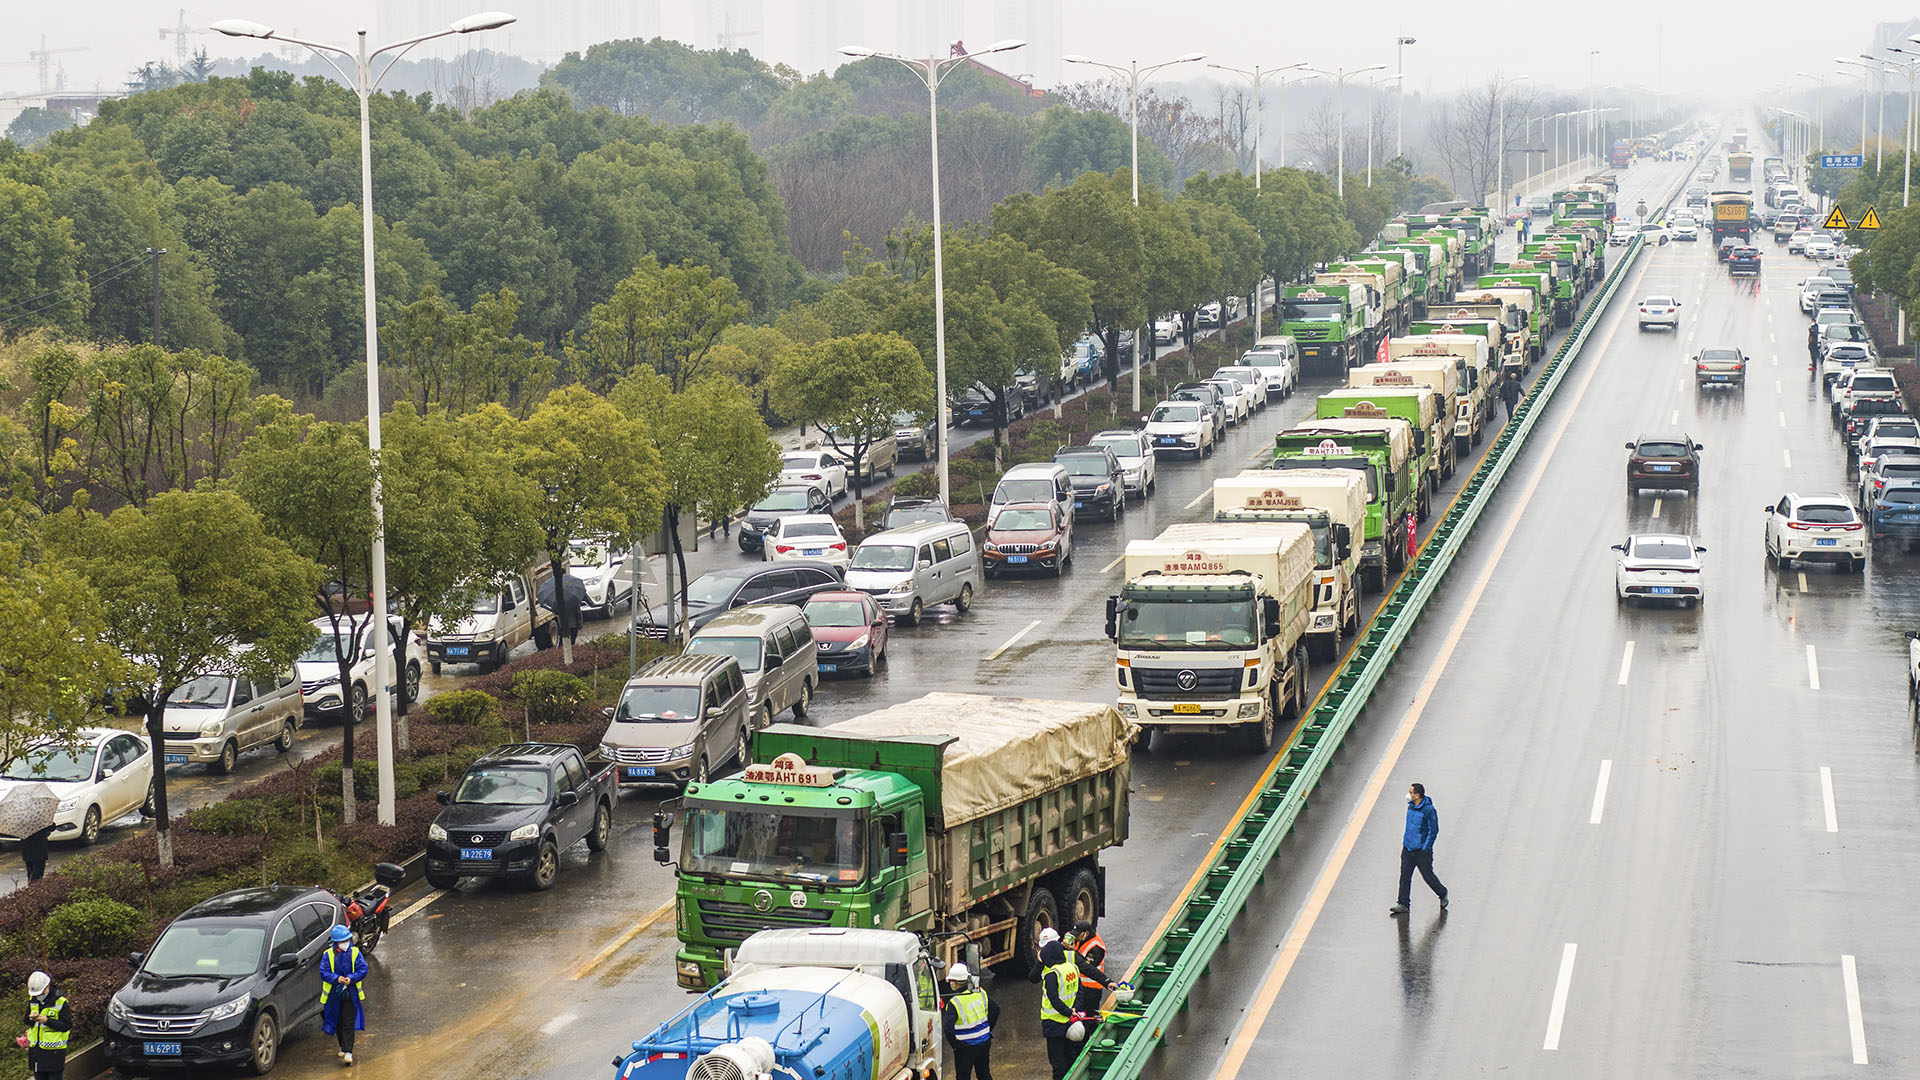 Los camiones hacen cola para ingresar al sitio de construcción del hospital (Foto por STR / AFP)